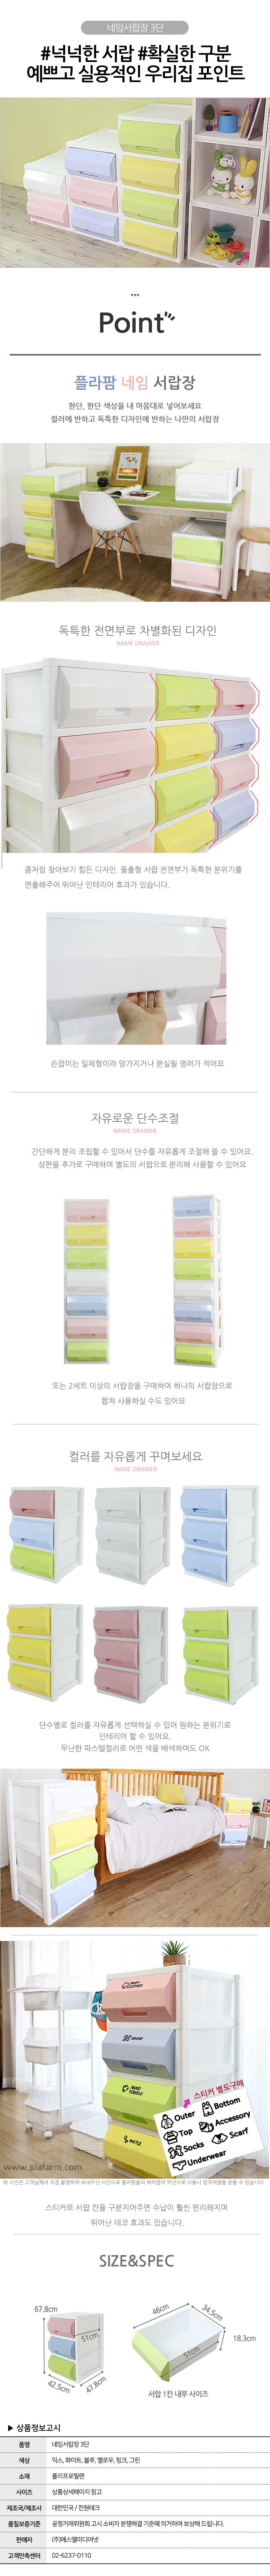 네임서랍장 3단 플라스틱 서랍장 수납장 정리 옷장